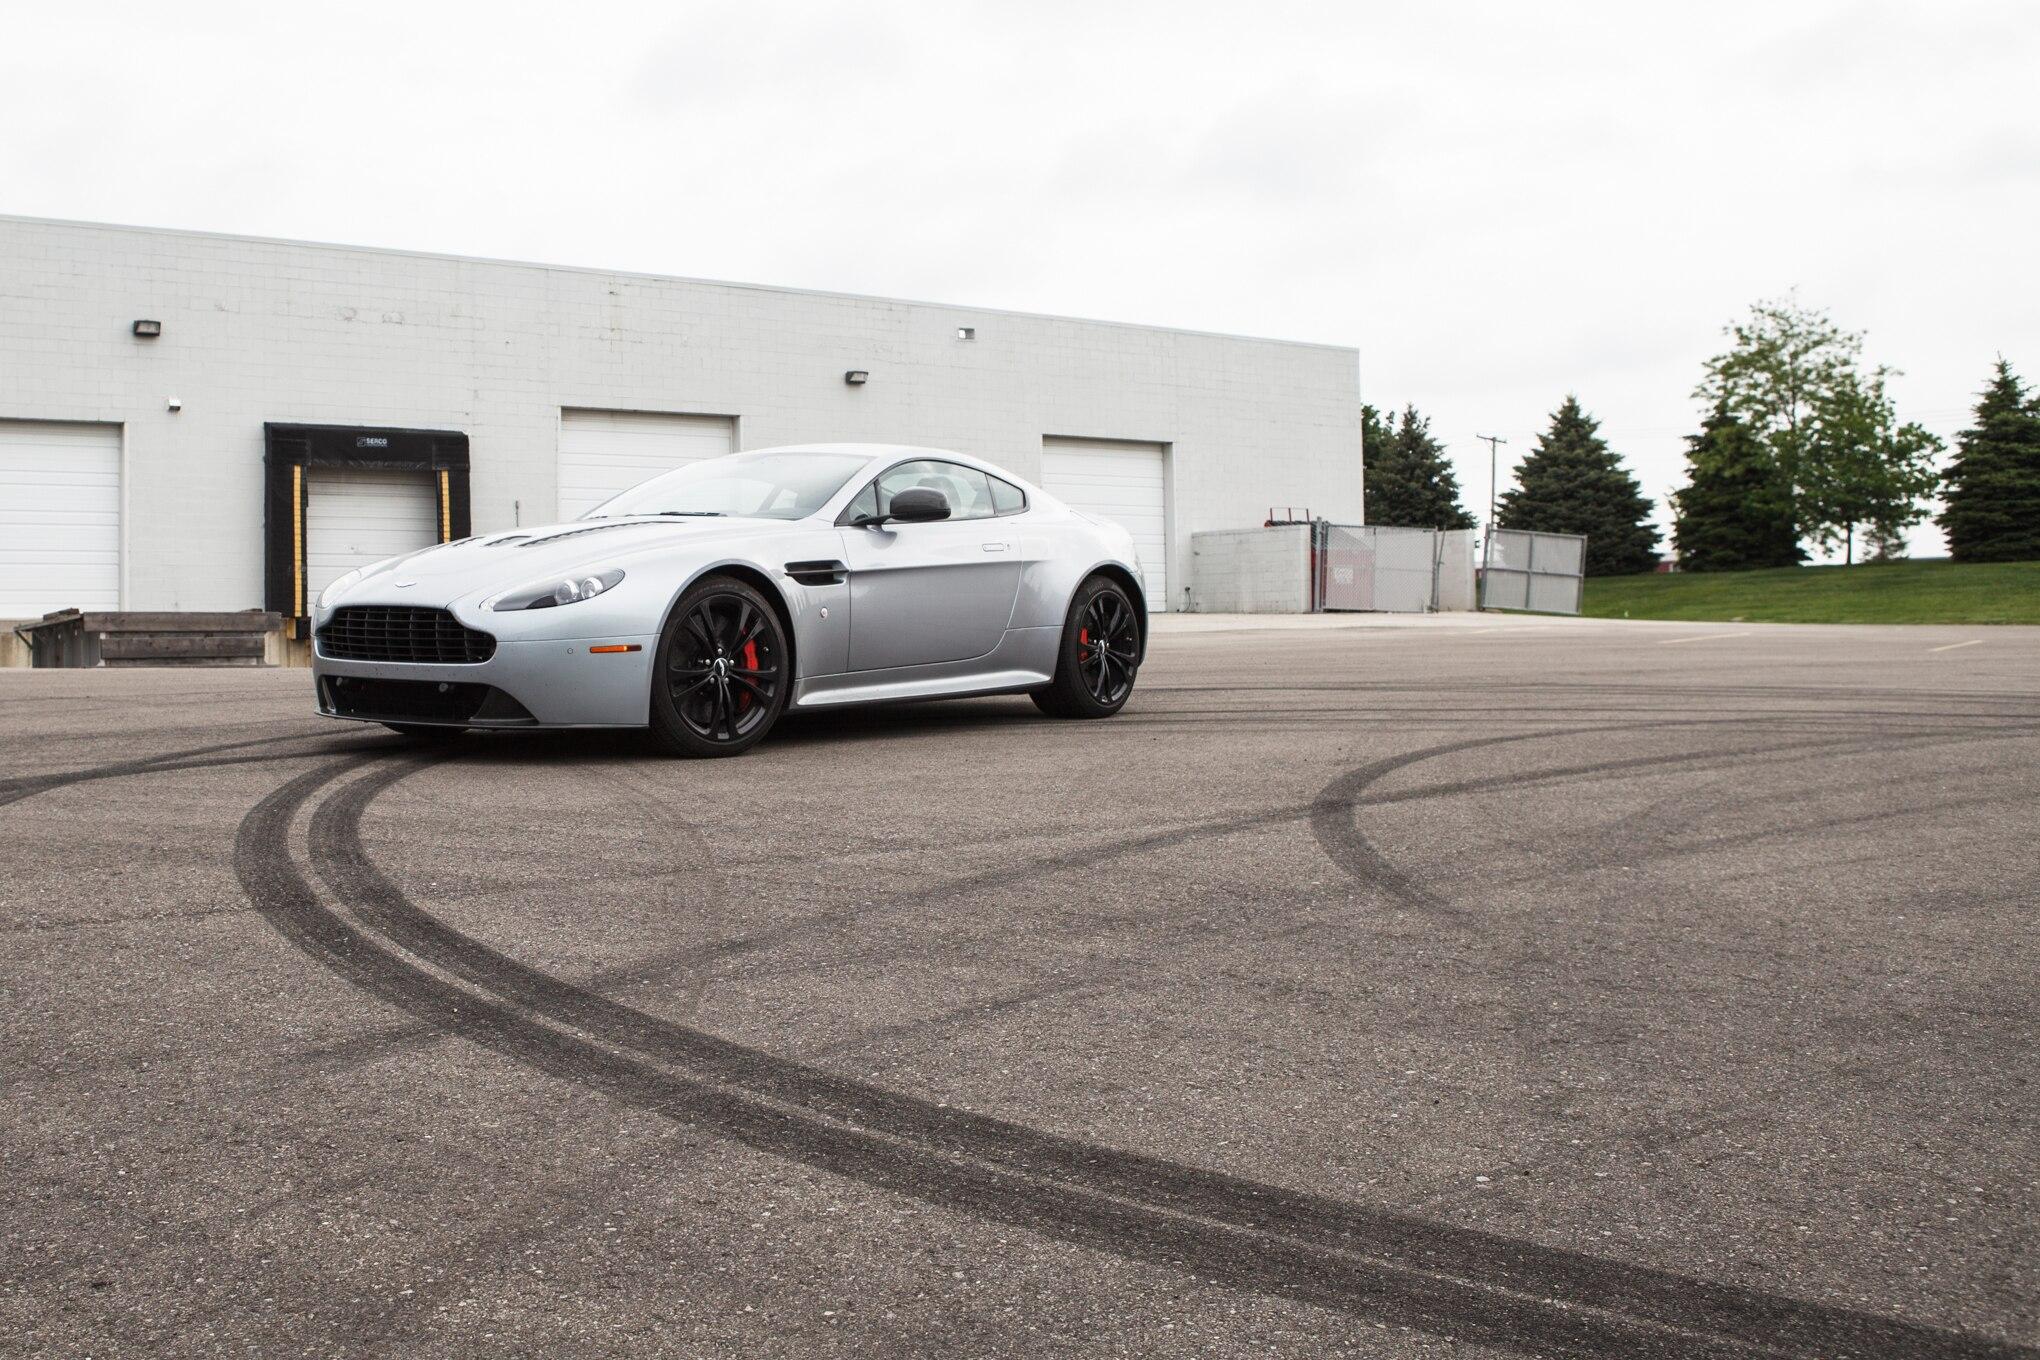 2013 Aston Martin V12 Vantage Front Left Side View 11